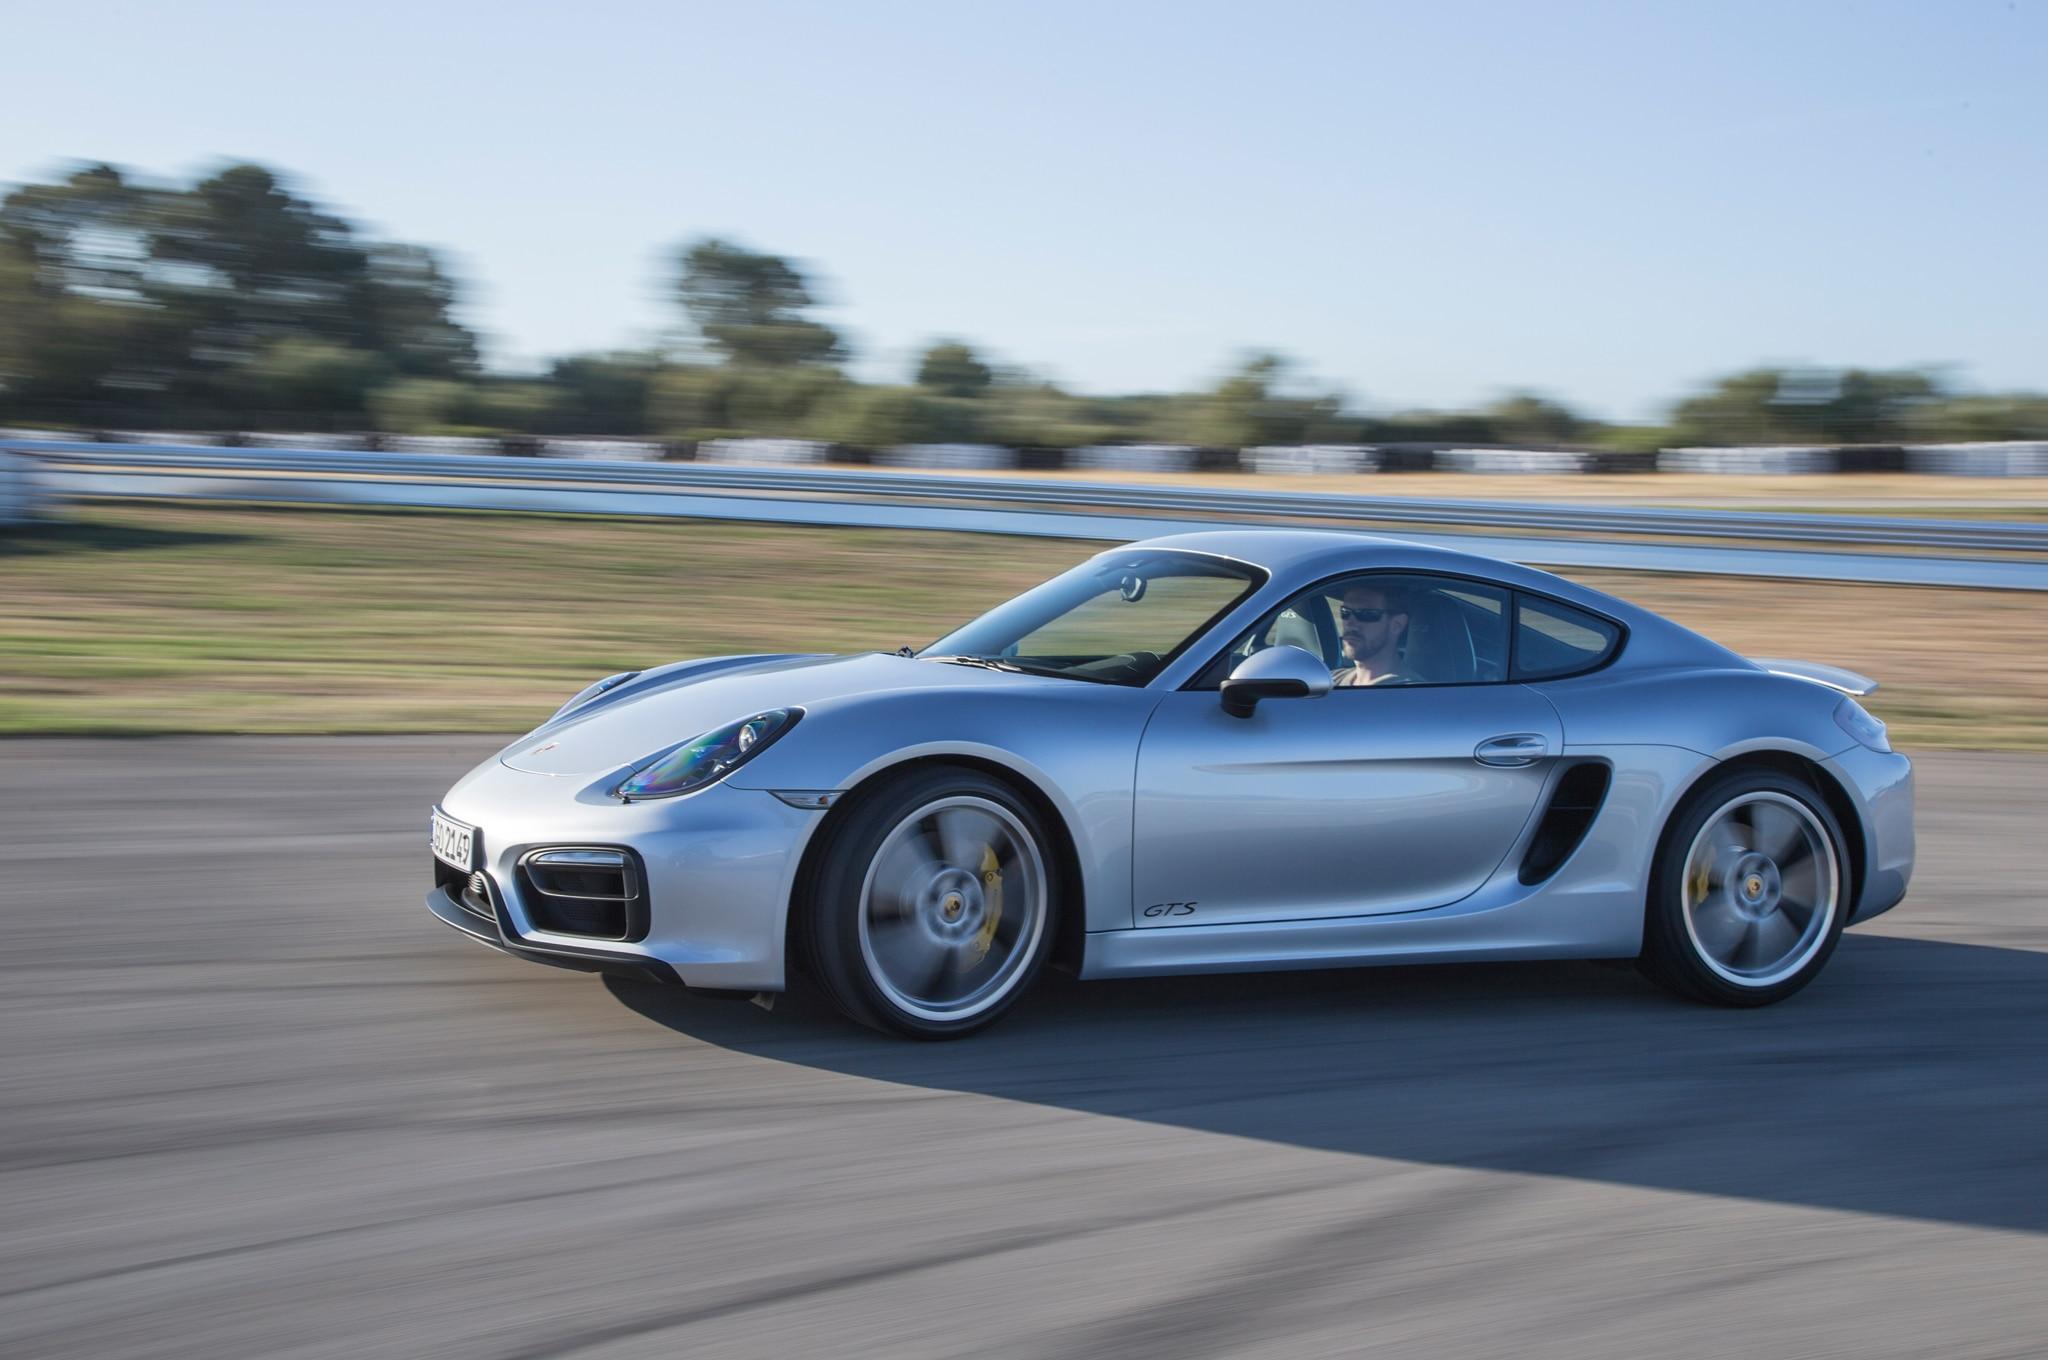 2015 porsche cayman gts - 2015 Porsche Cayman Silver